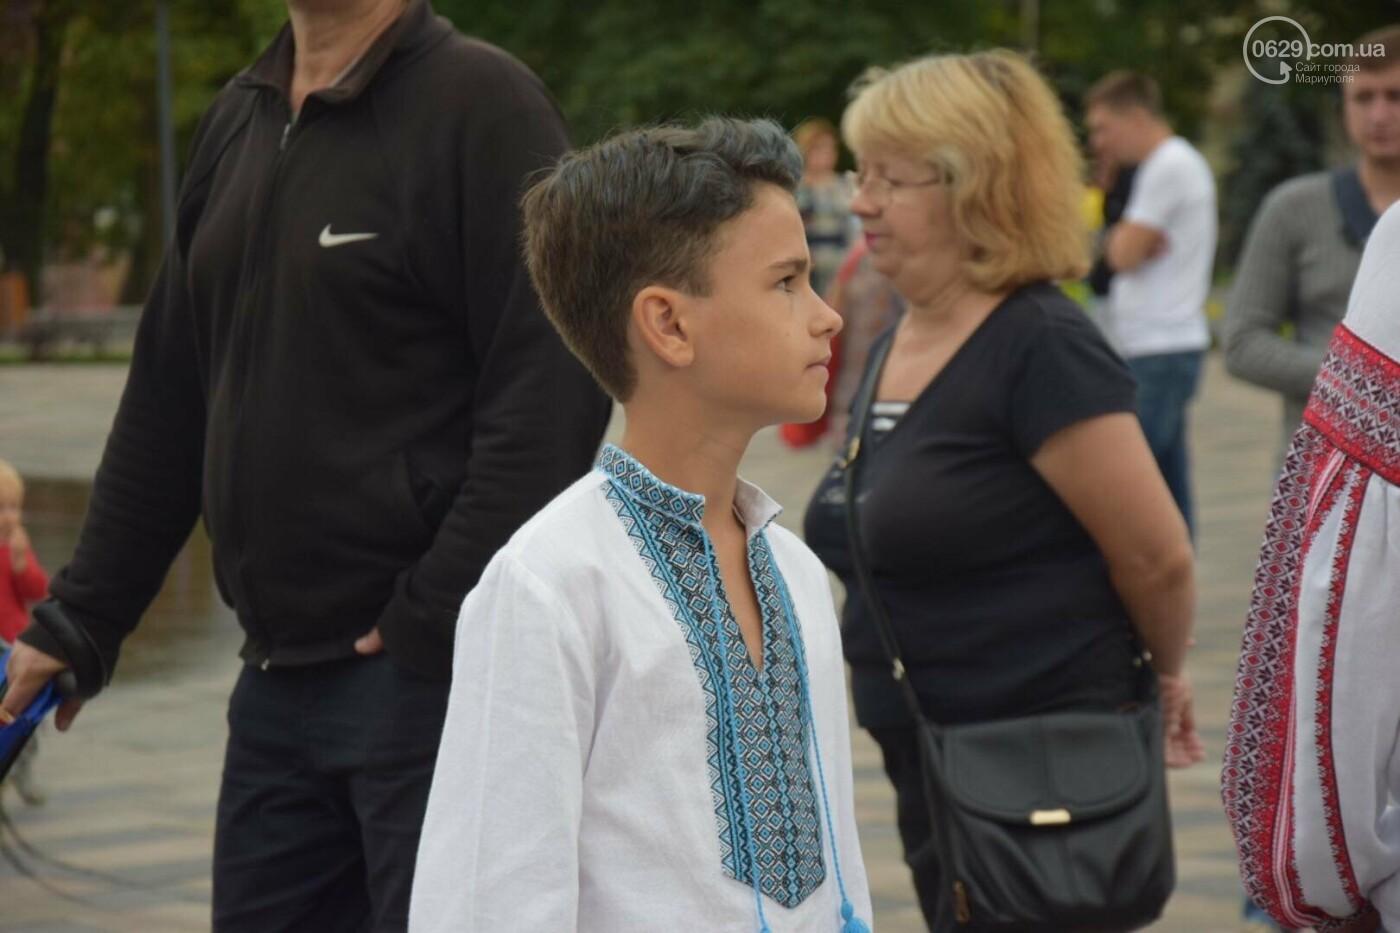 В Мариуполе радостно встретили Закон об украинском языке, - ФОТО, фото-3